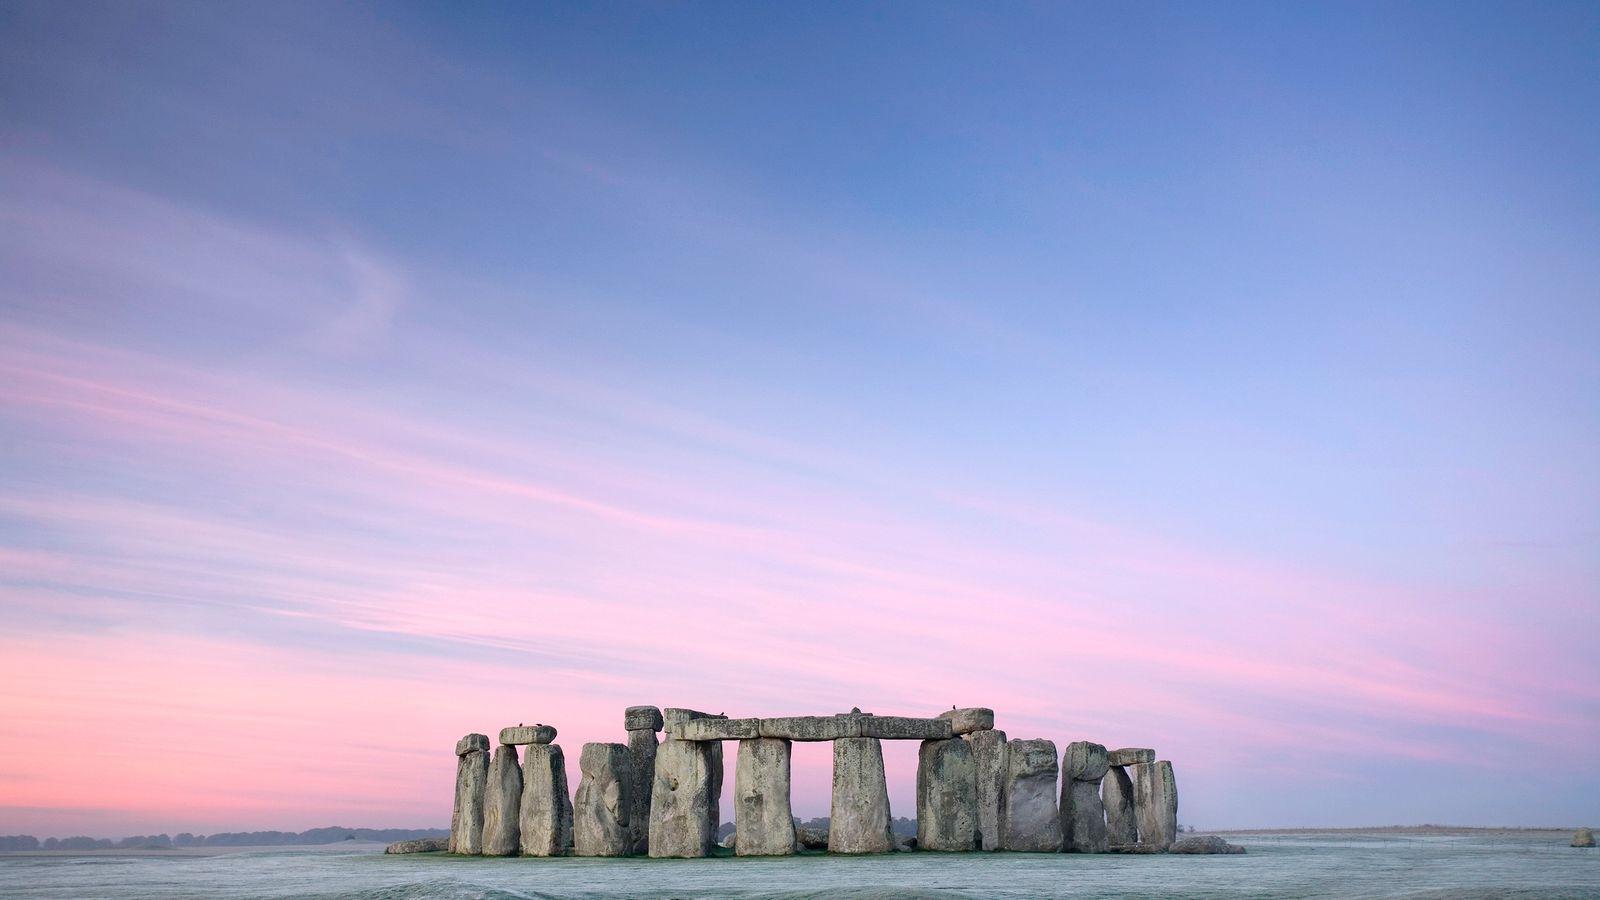 Rosa- und lilafarbene Streifen zeigen sich in der Morgendämmerung am Himmel über Stonehenge.